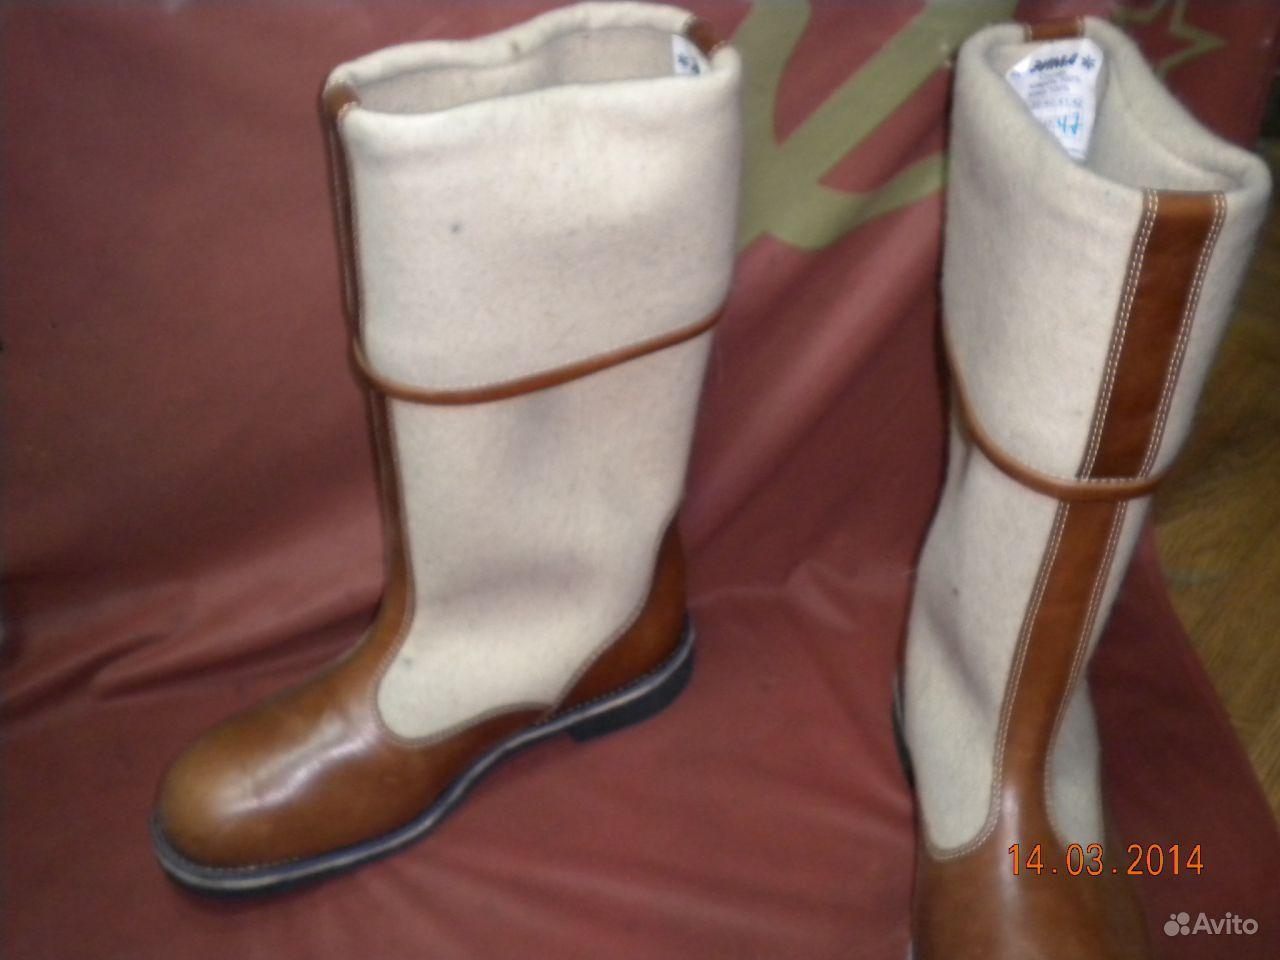 2ec6df17c Сапоги йети пермь цена. Интернет-магазин качественной брендовой обуви.